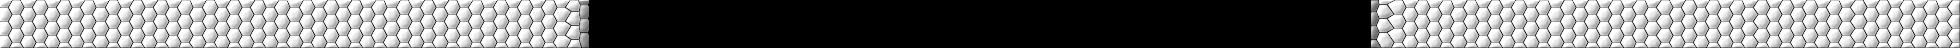 bg-shadow780-5.png